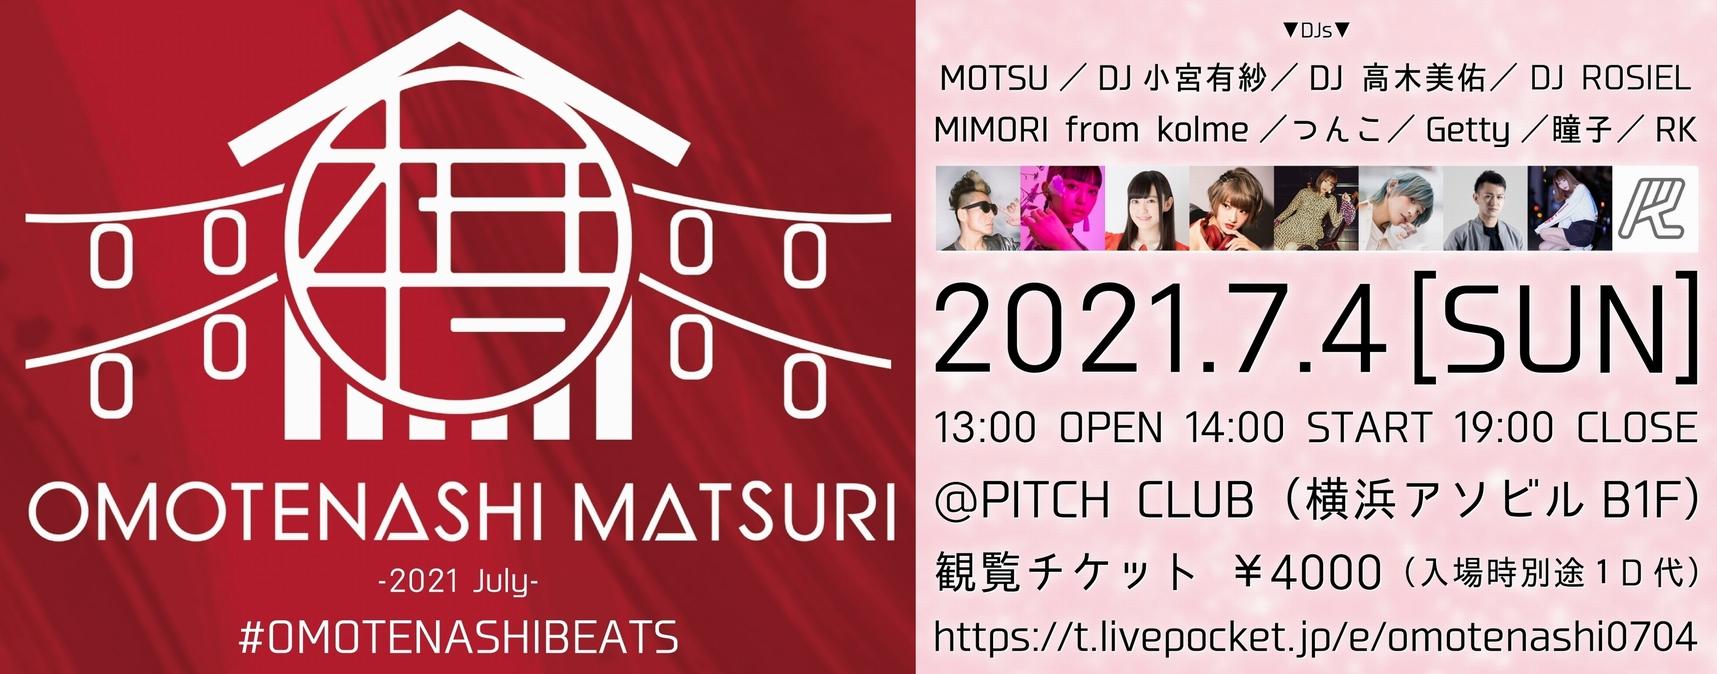 OMOTENASHI MATSURI -2021 July.-